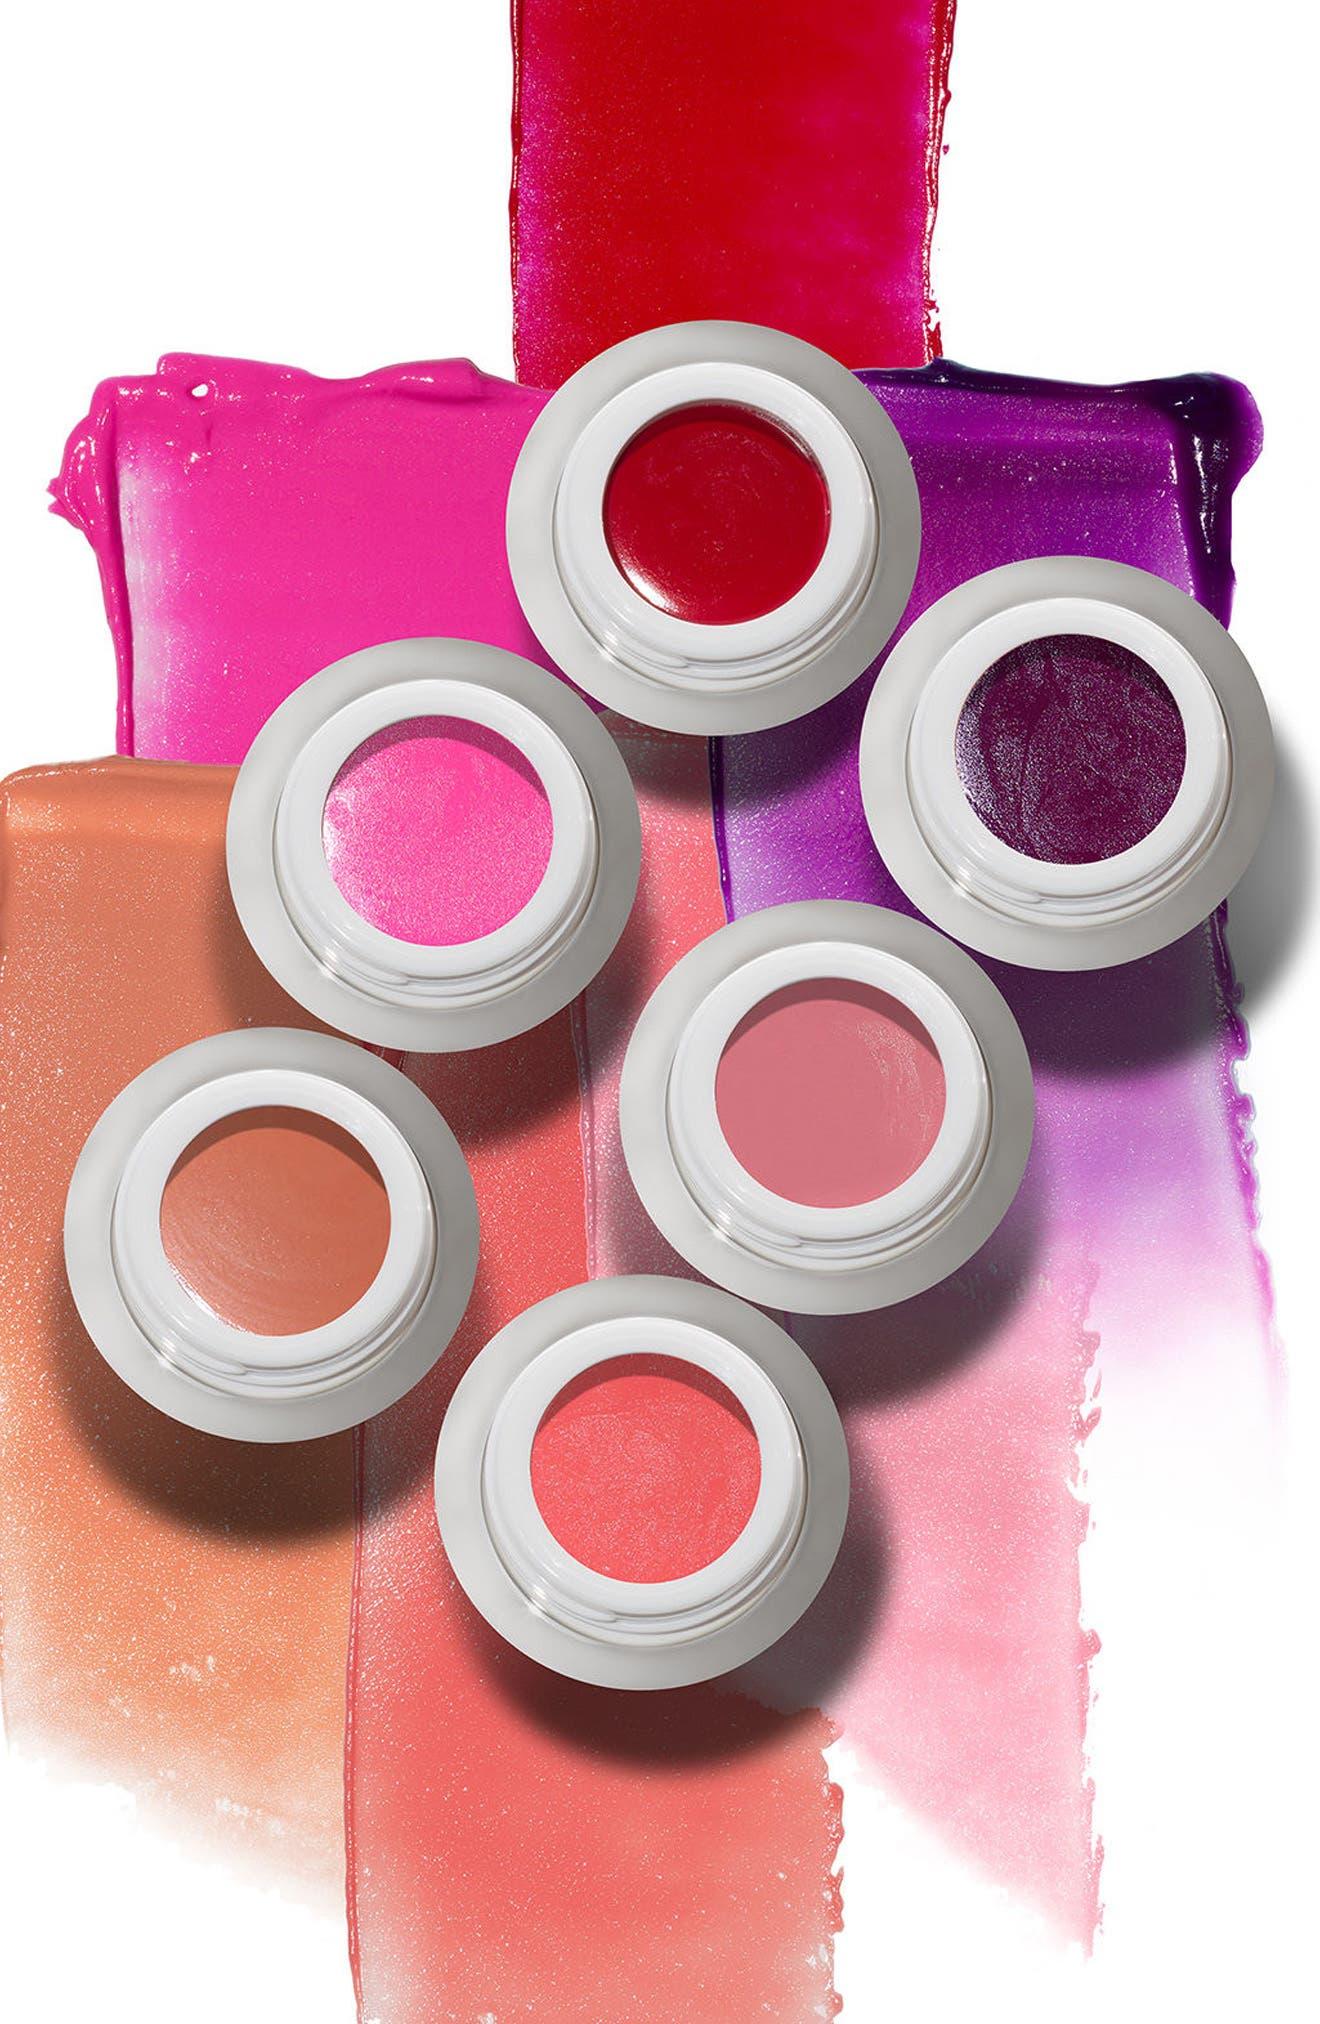 POUTMUD<sup>™</sup> Wet Lip Balm Tint,                             Alternate thumbnail 4, color,